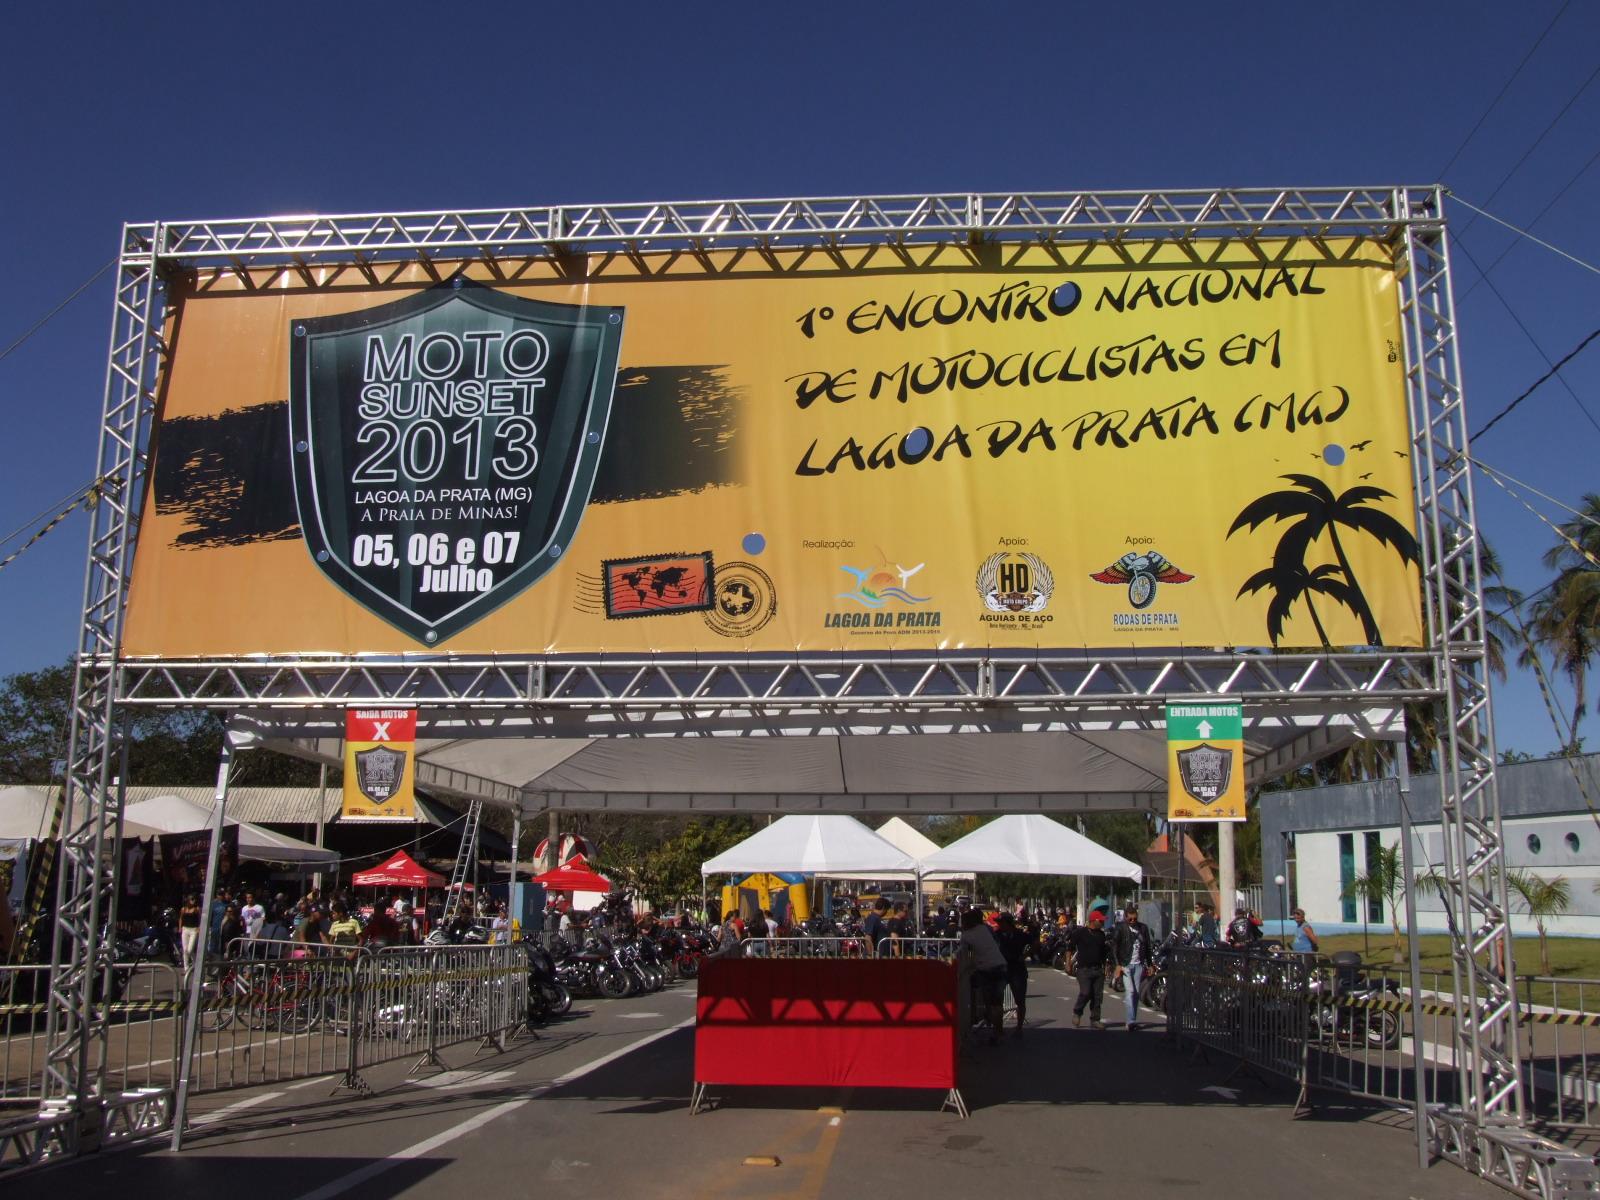 Entrada do evento 2013